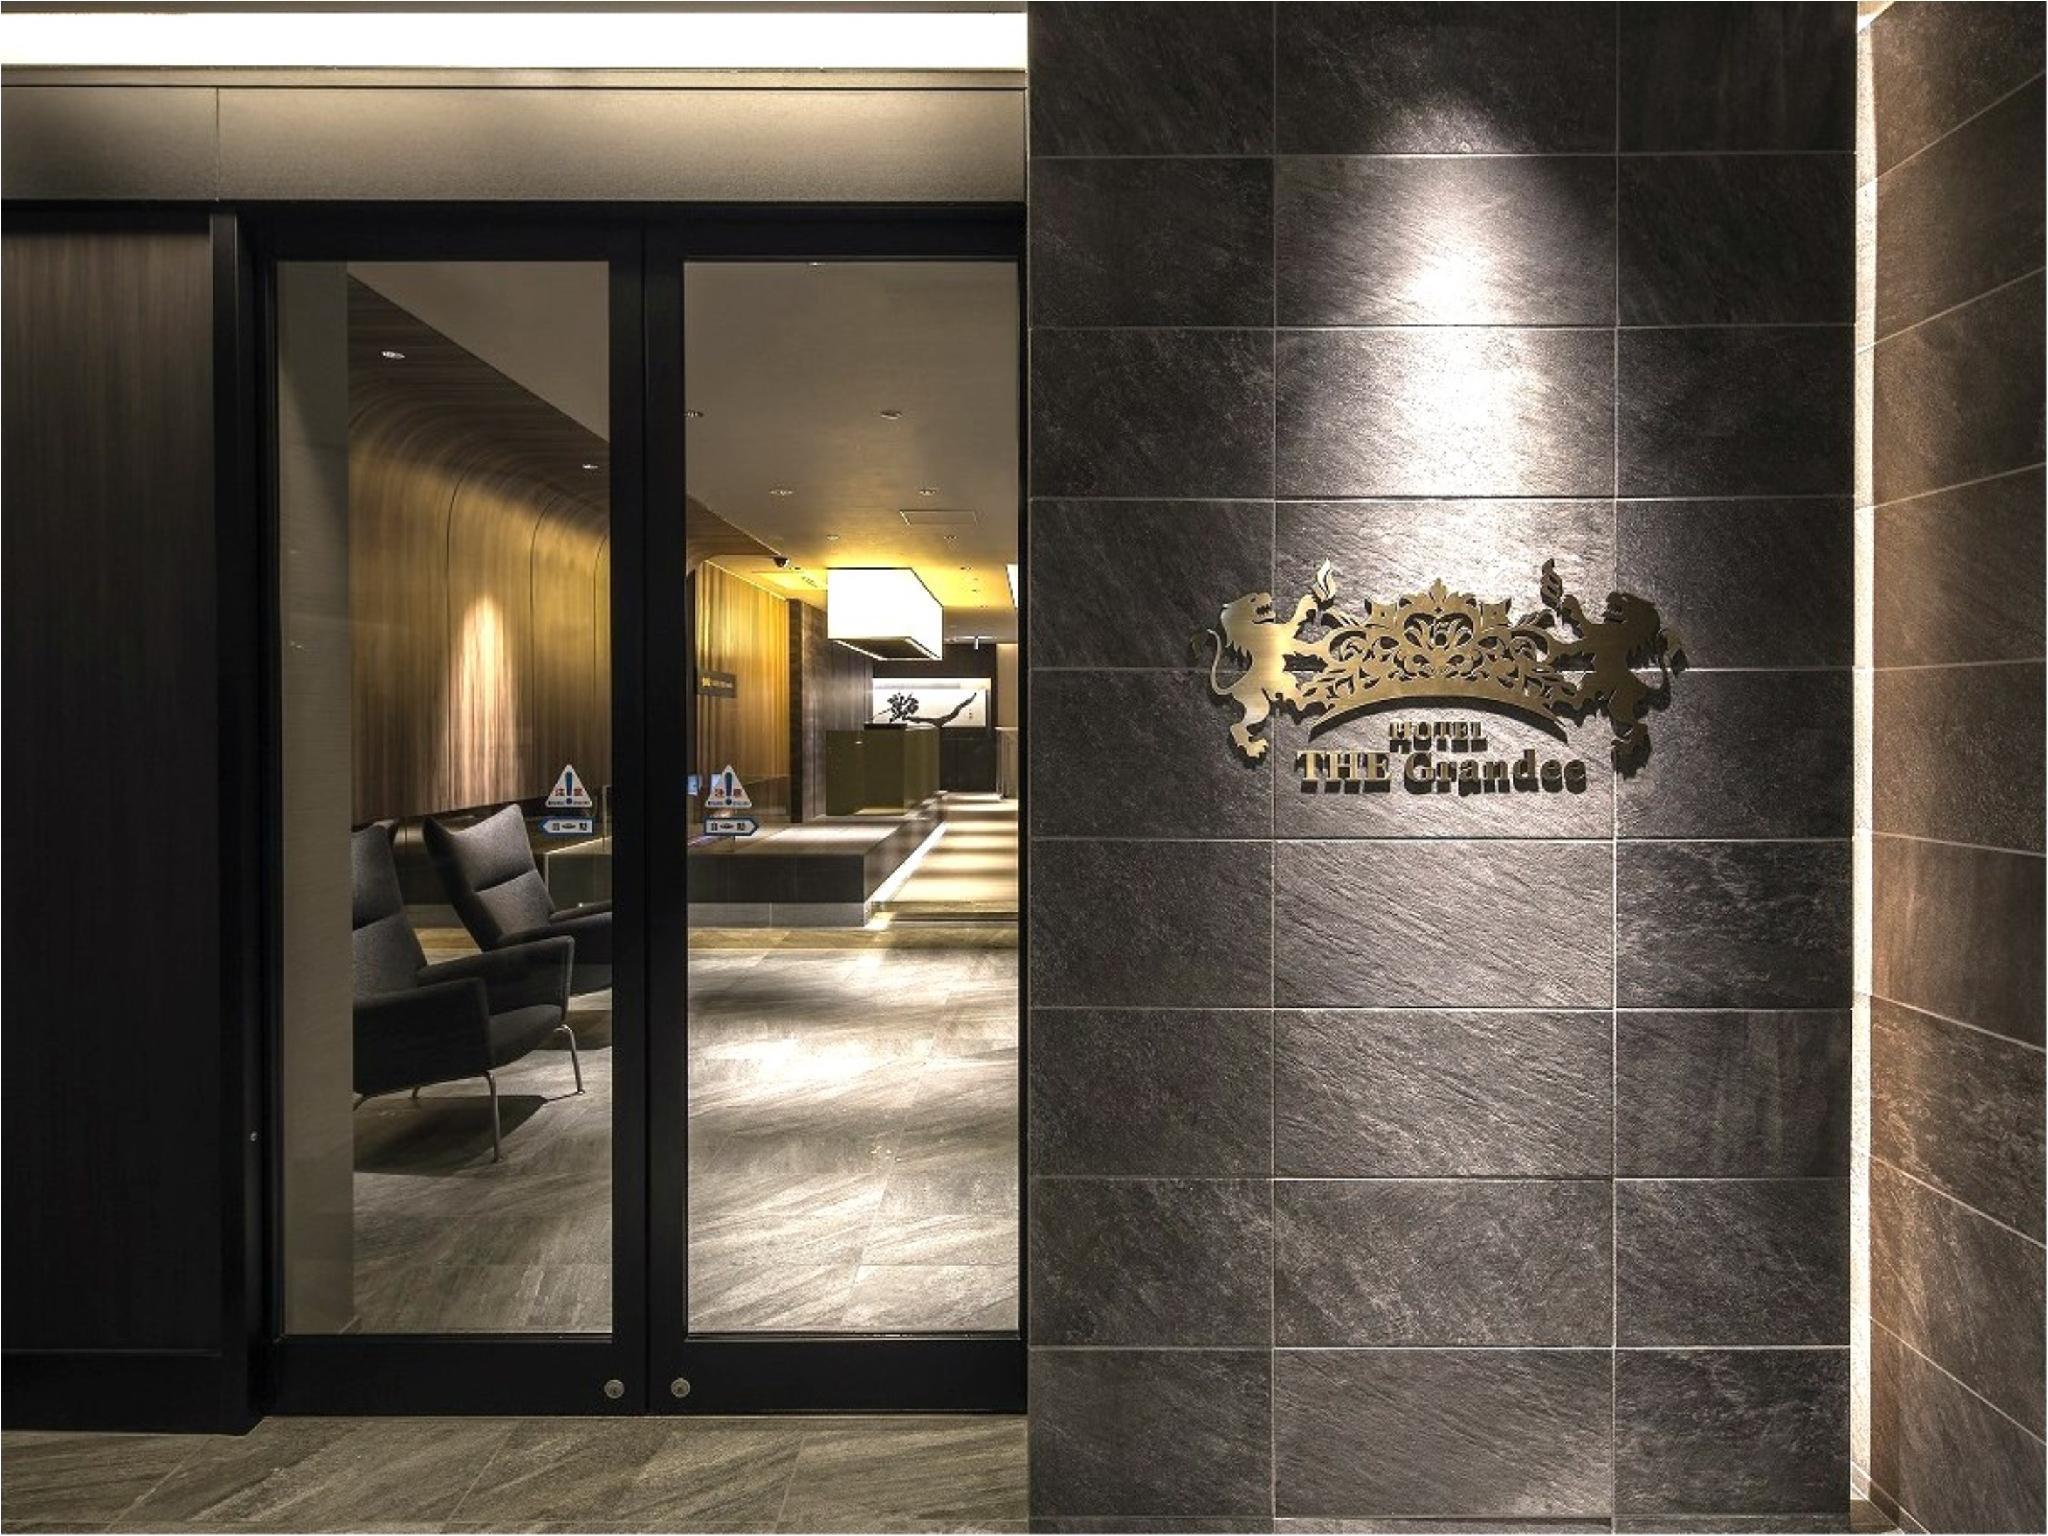 HOTEL THE Grandee Shinsaibashi